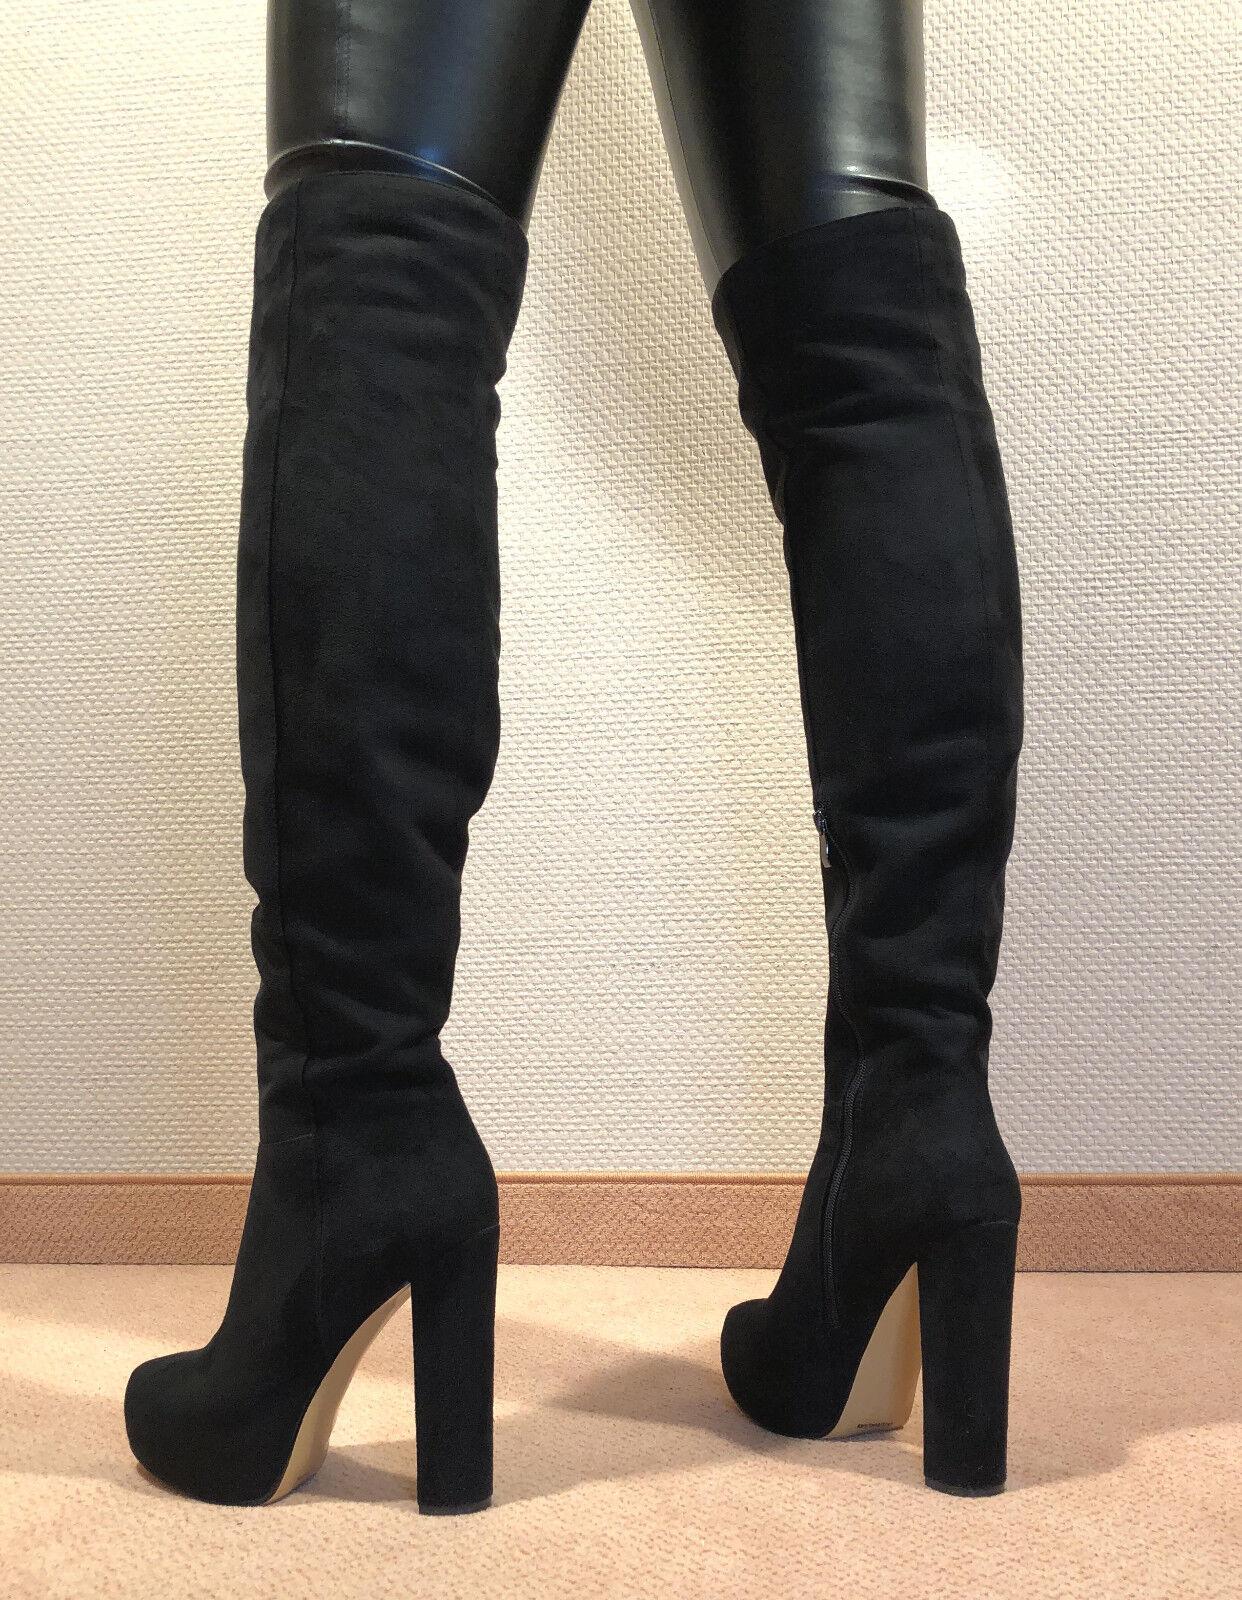 top en señora exclusiva sexy zapatos señora en botas altas botas de plataforma hombres Boots d5 781d8c